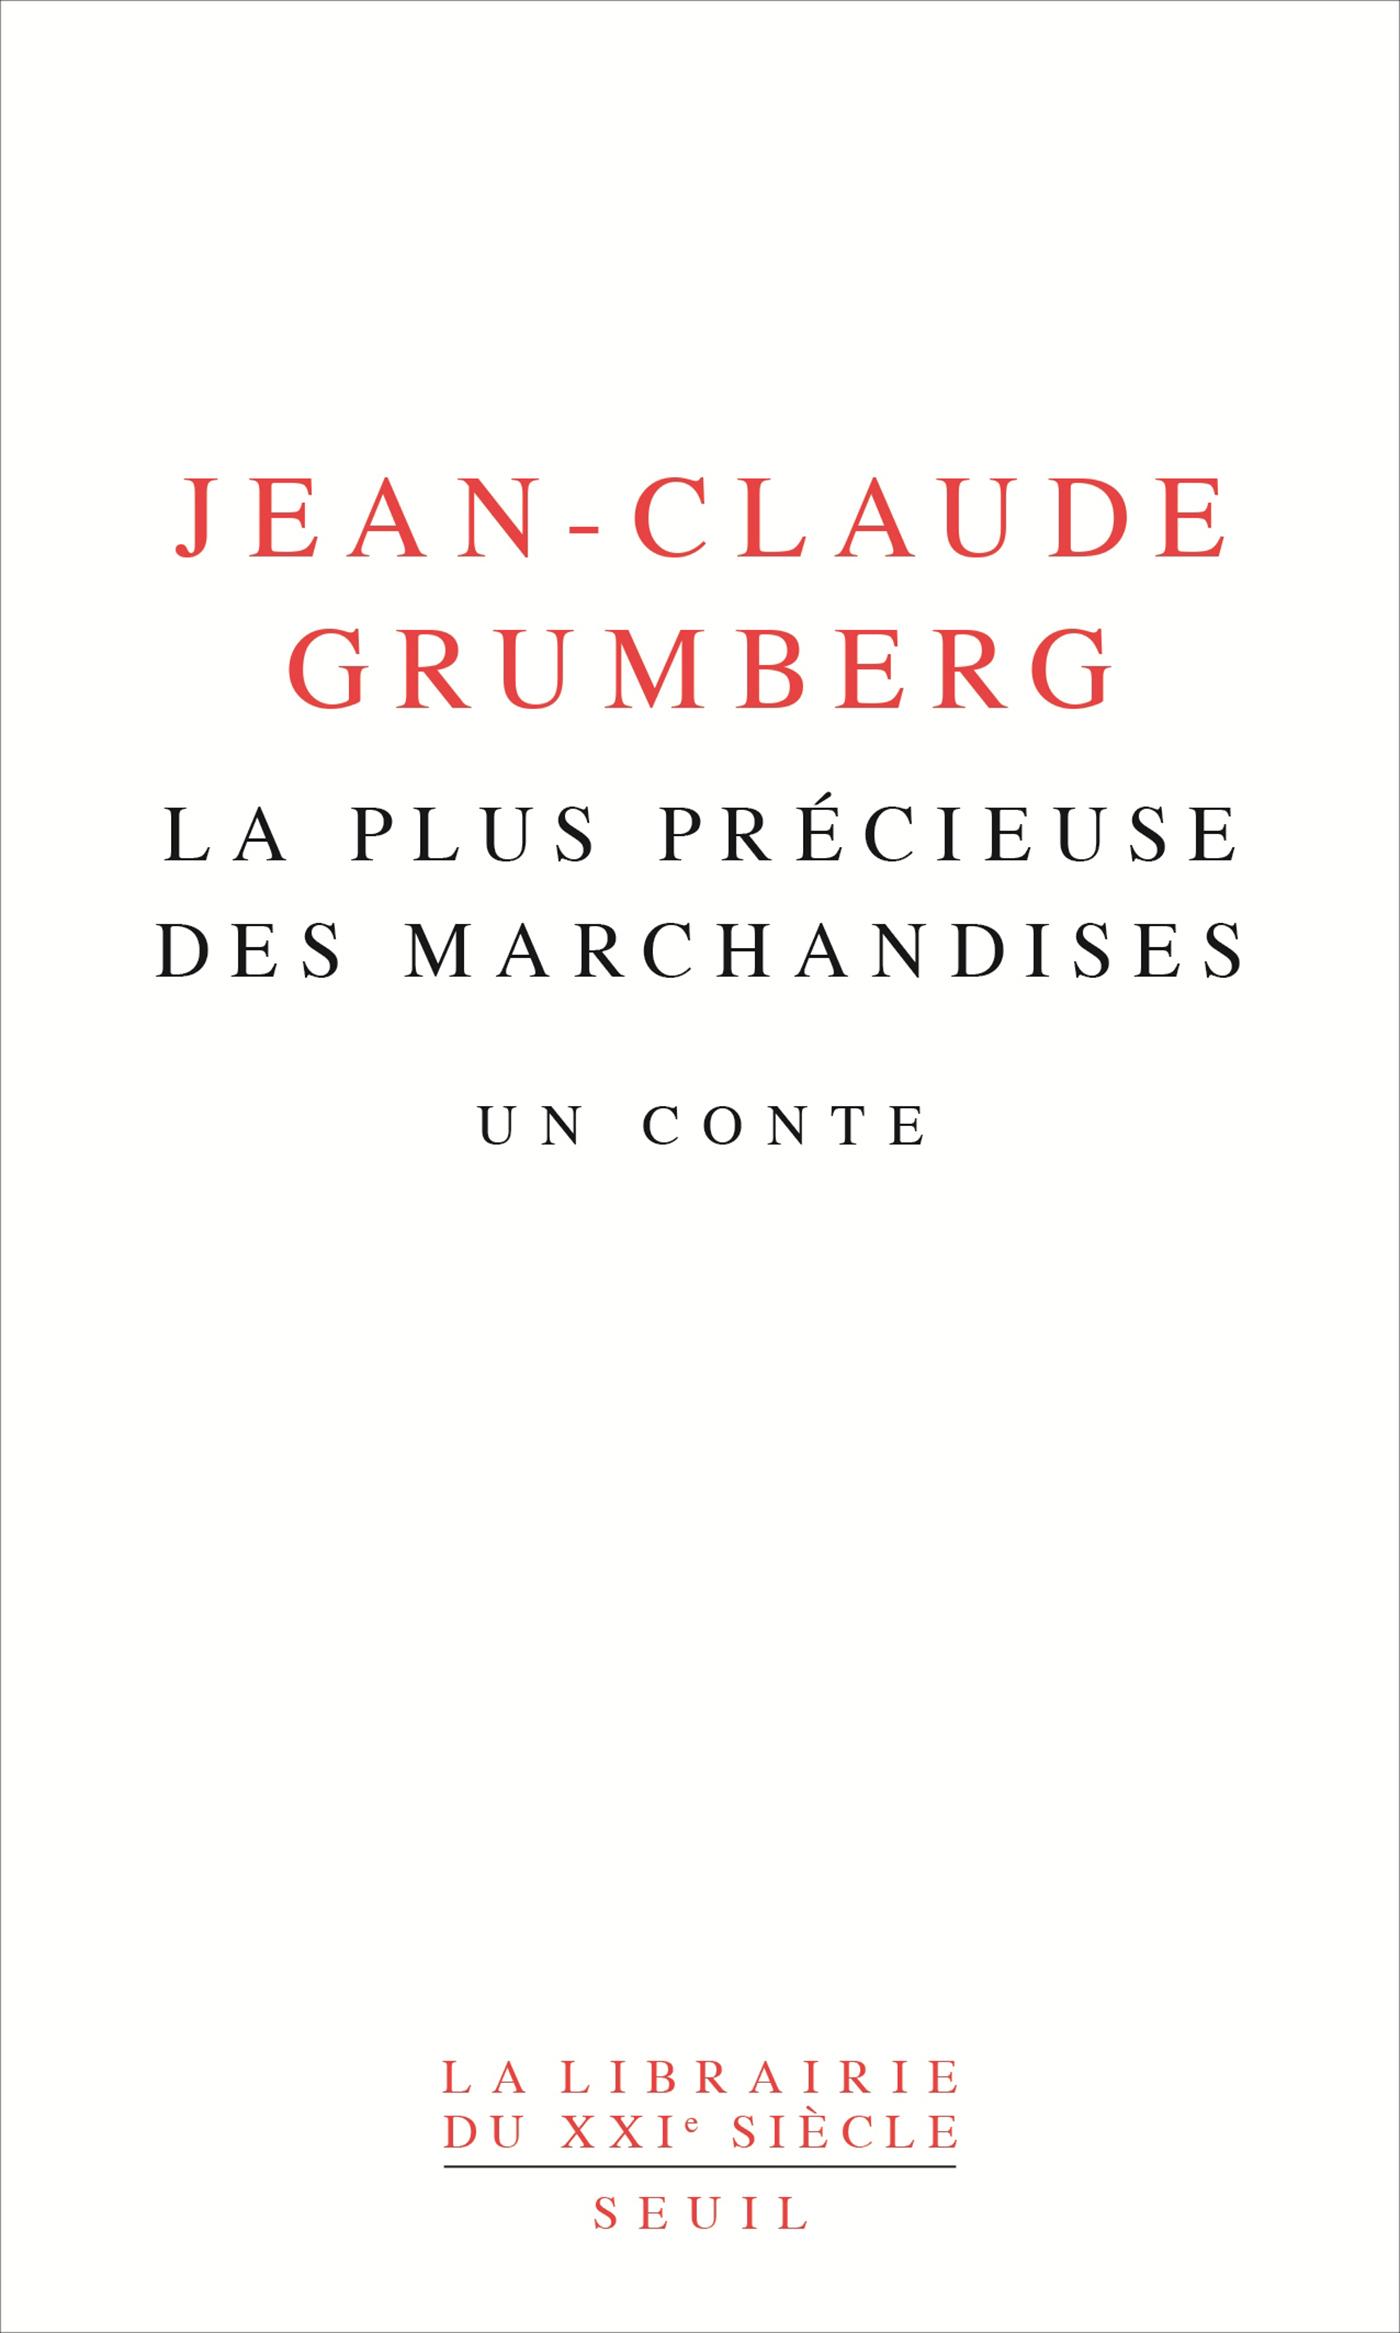 La plus précieuse des marchandises - Un conte | Grumberg, Jean-Claude